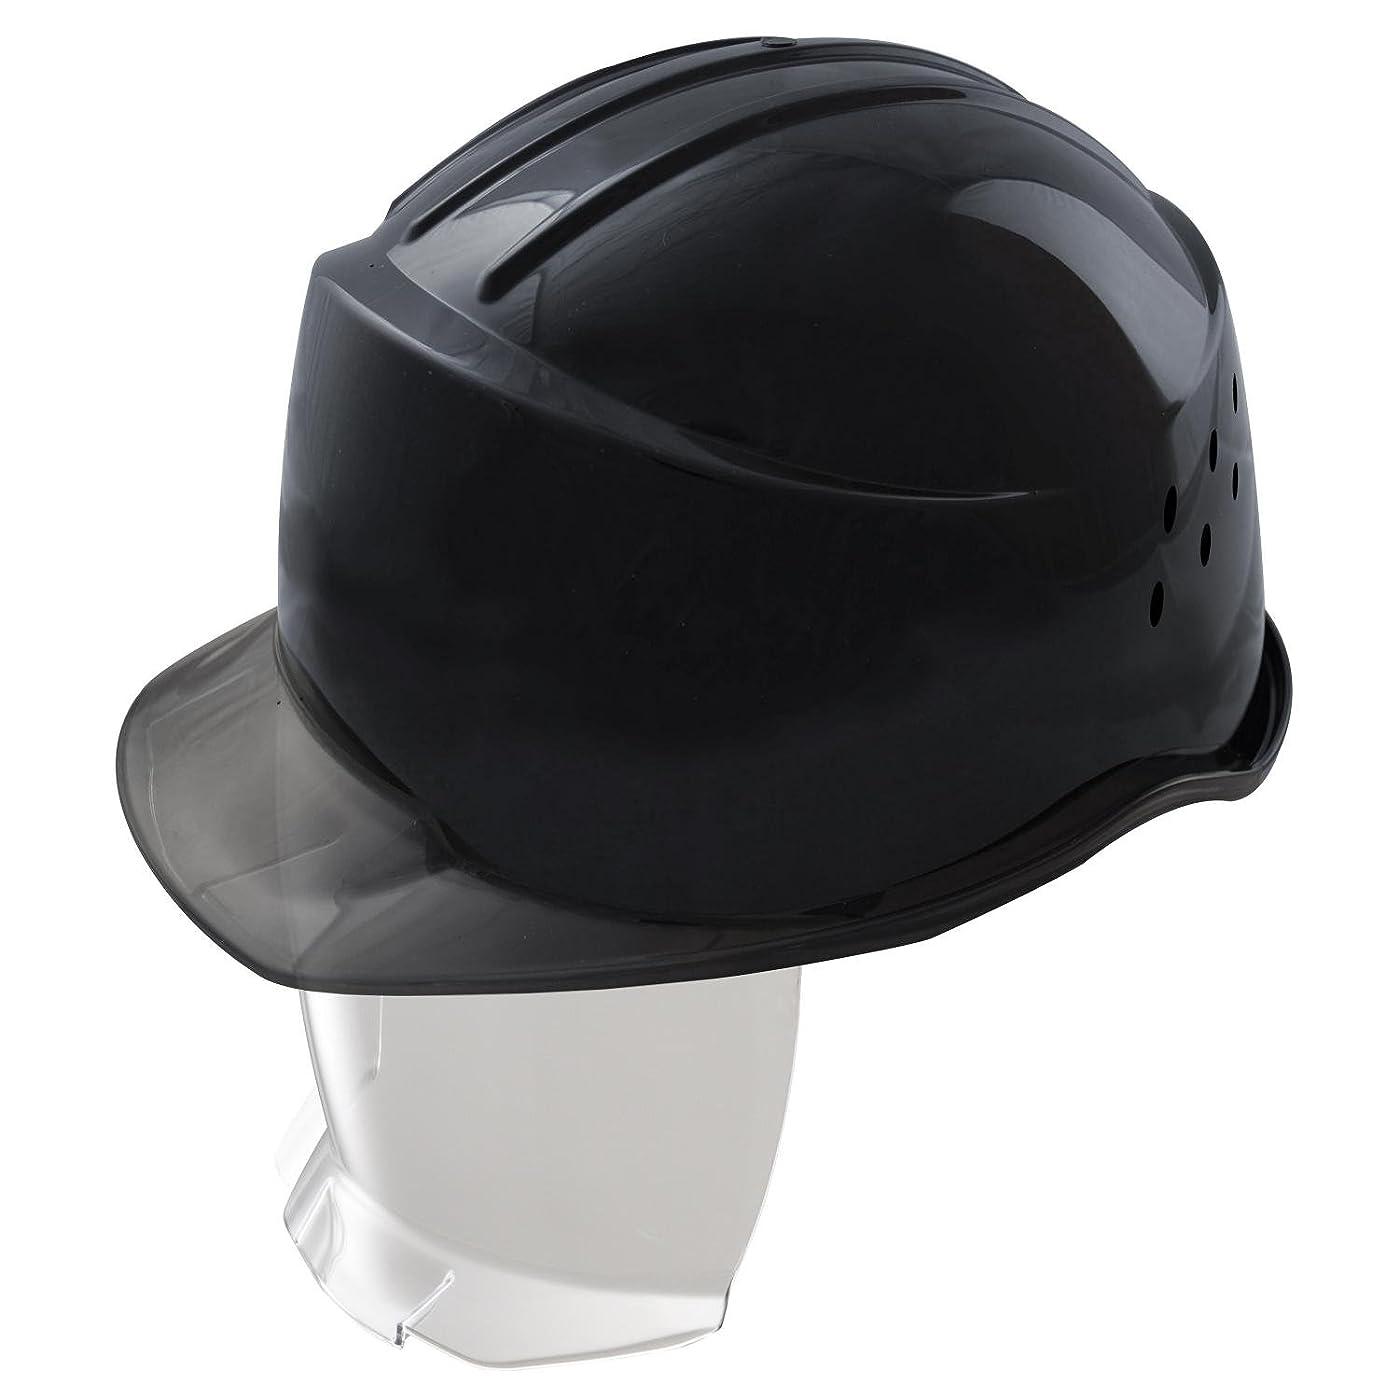 ミドリ安全 ヘルメット シールド面内蔵 侍 SC15PCLNVS RA2 KP付 ブラック/スモーク